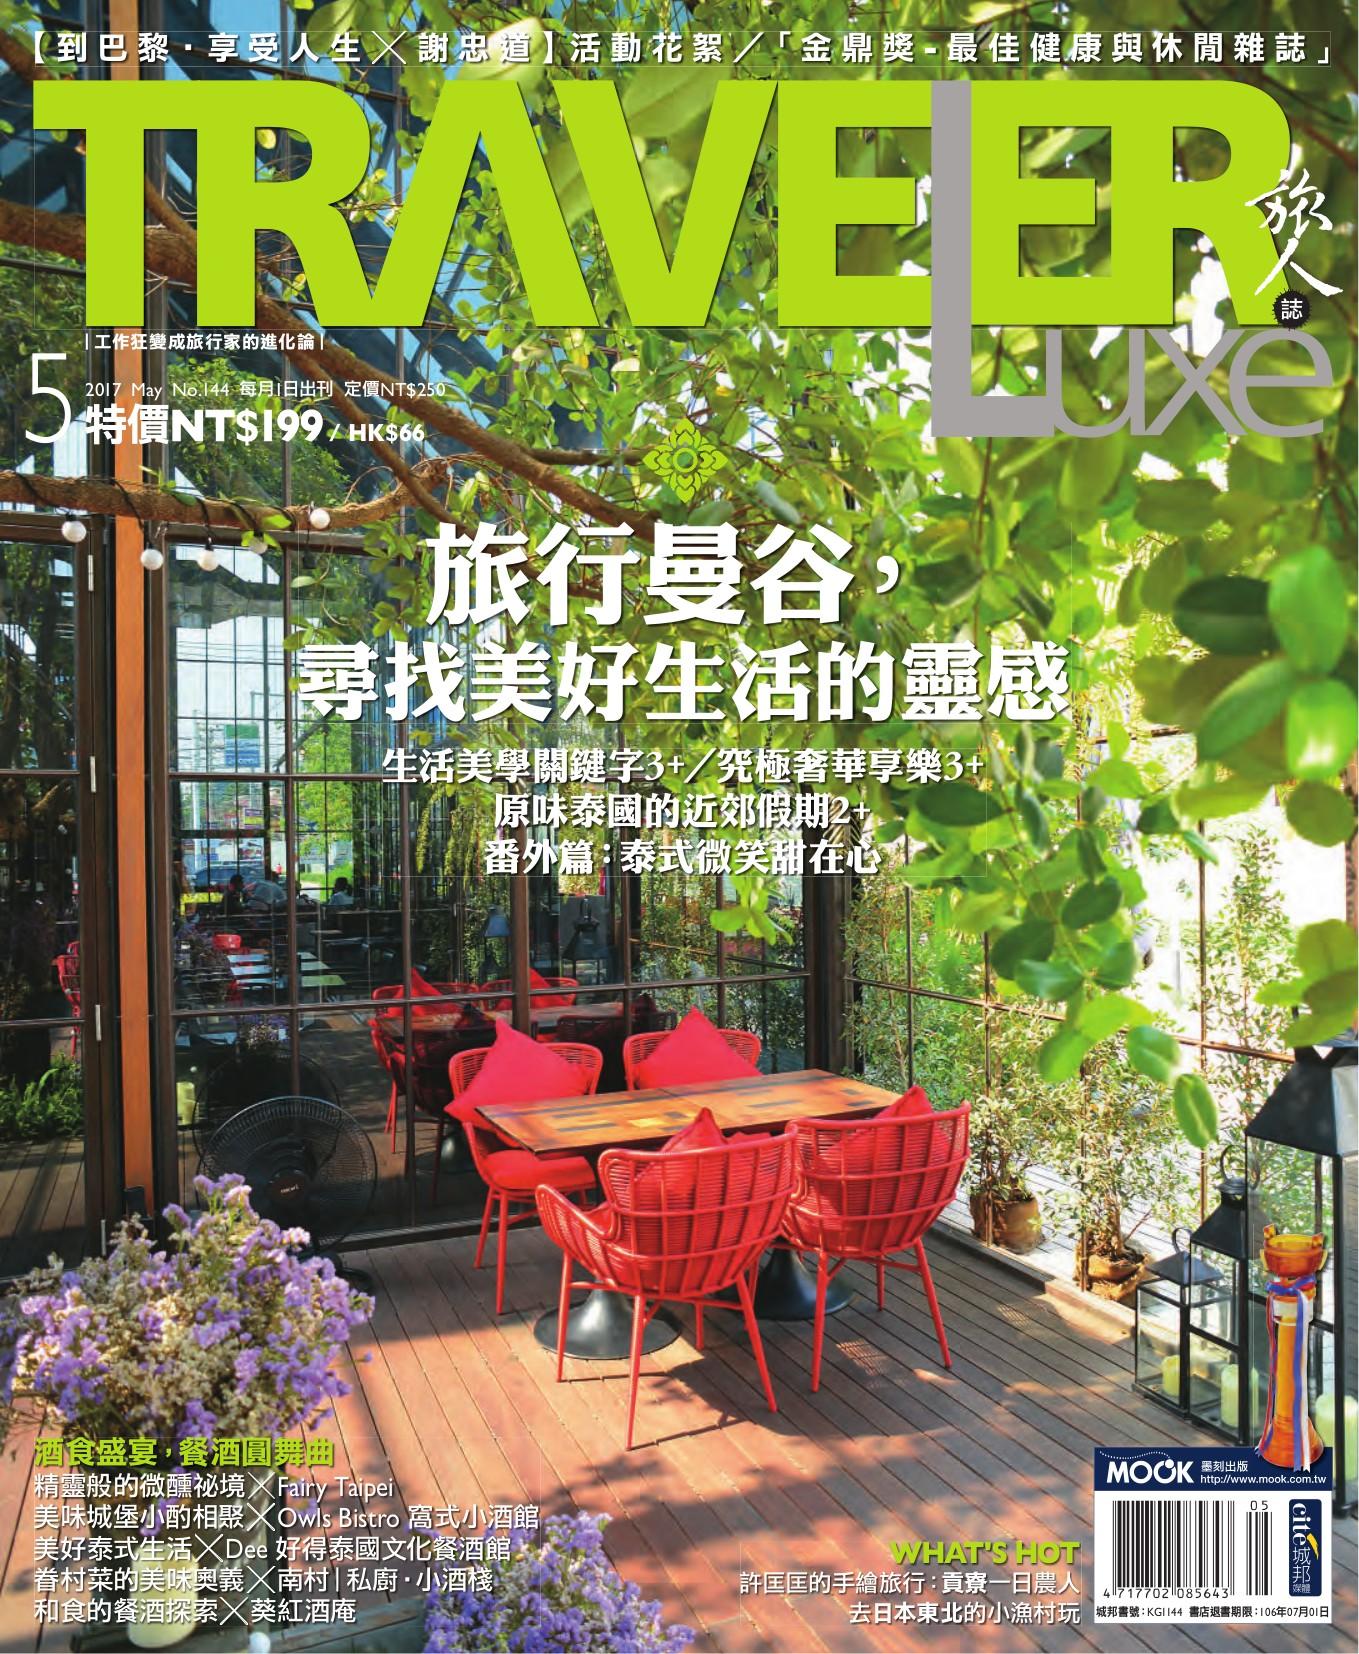 另開新視窗呈現 TRAVELER Luxe 旅人誌 封面